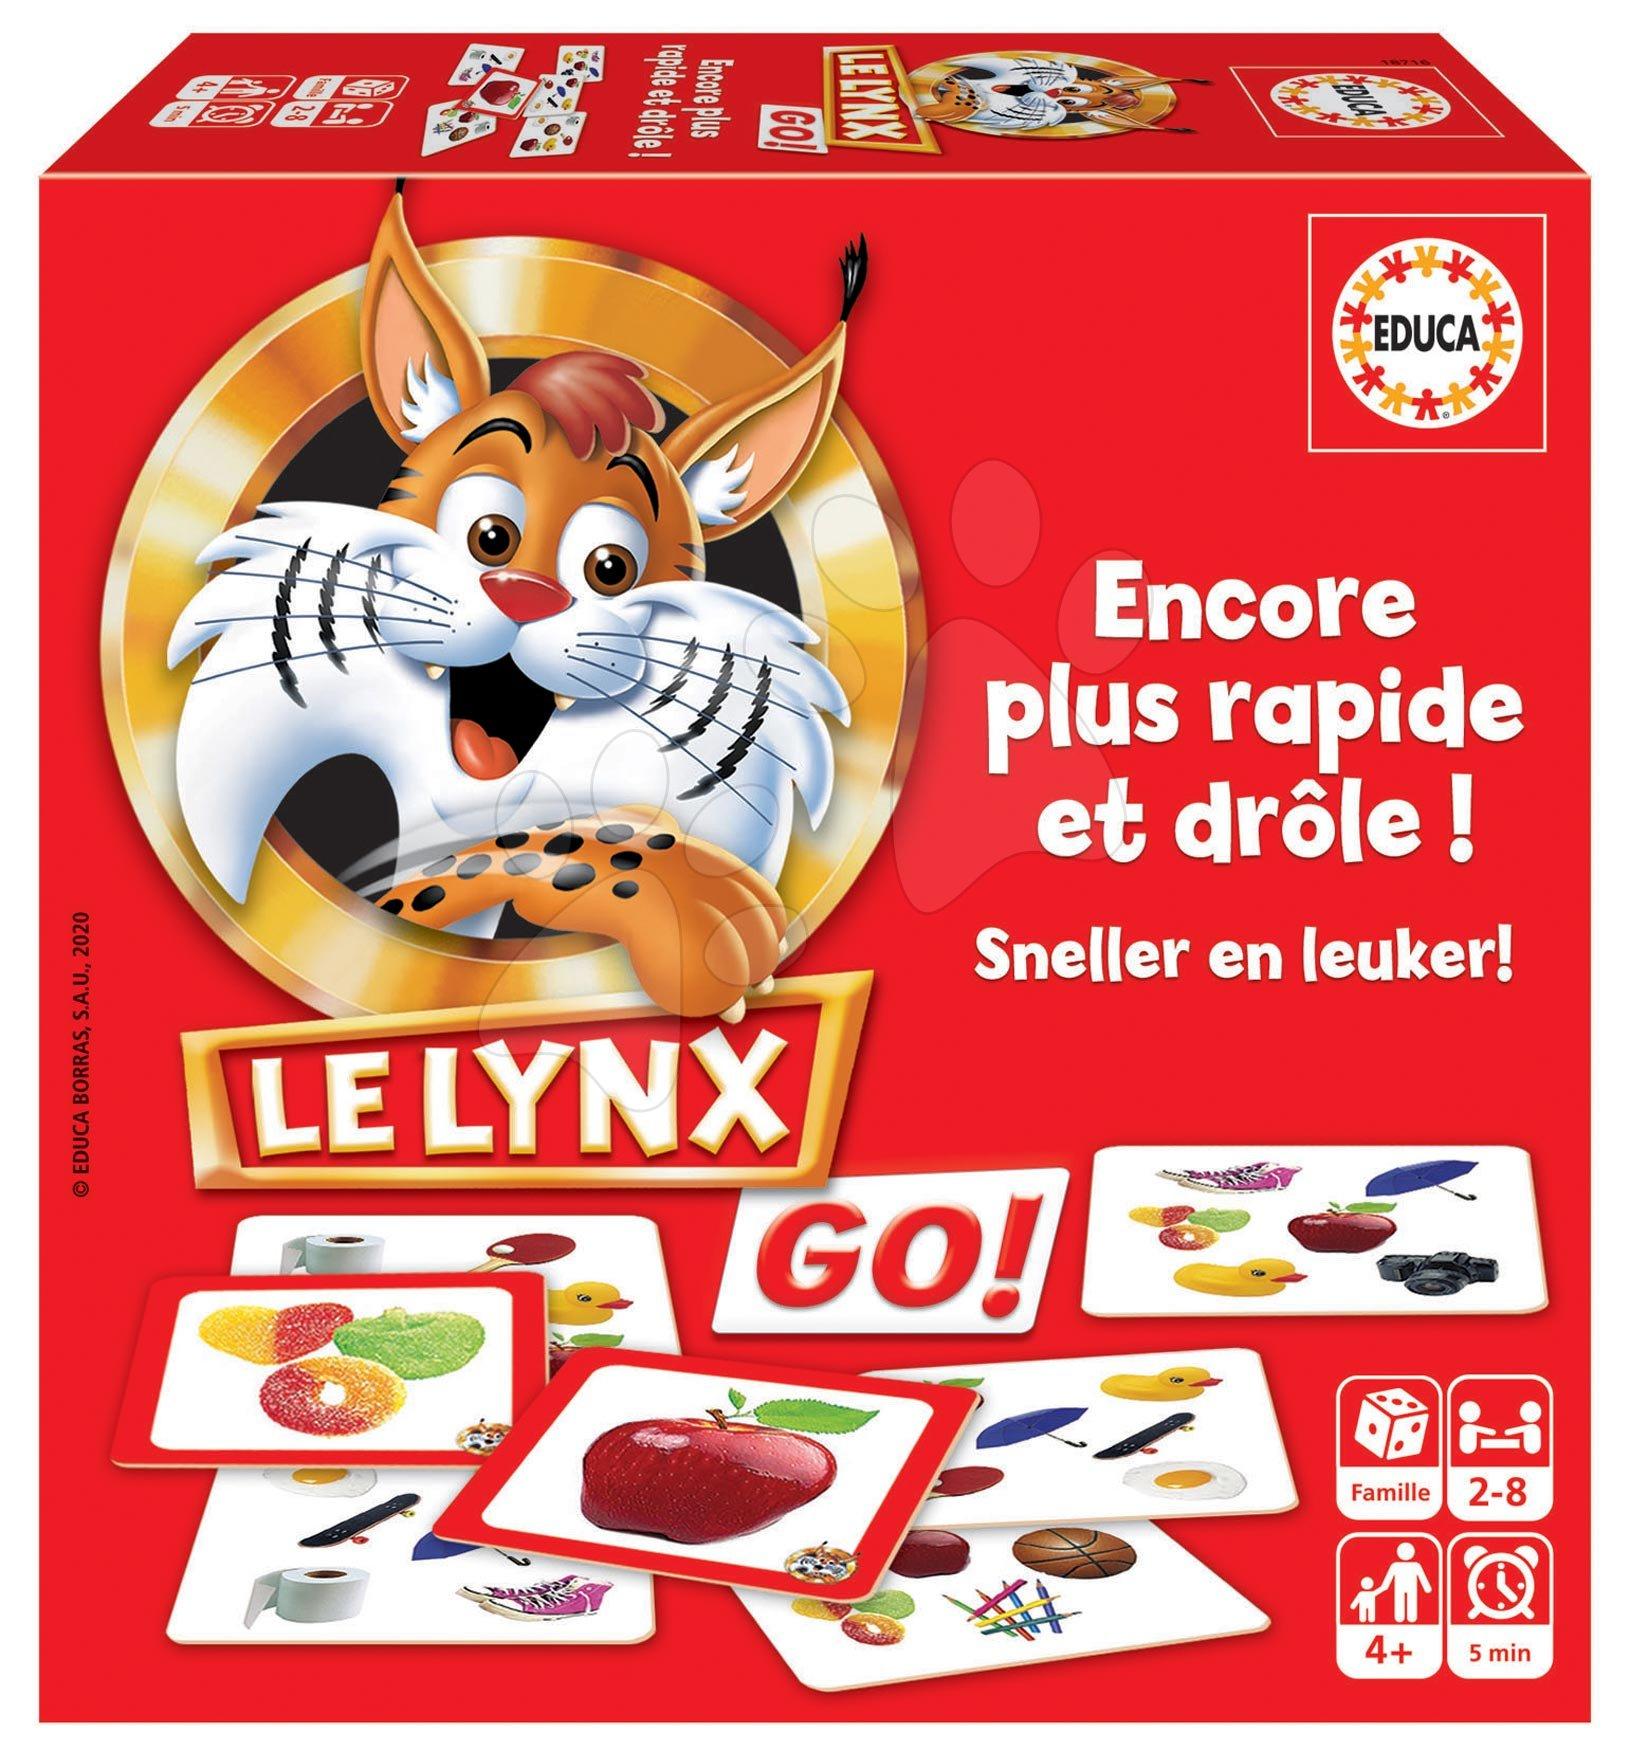 Spoločenská hra Lynx Rýchly ako rys Educa 60 obrázkov pre najmenších francúzsky od 4 rokov